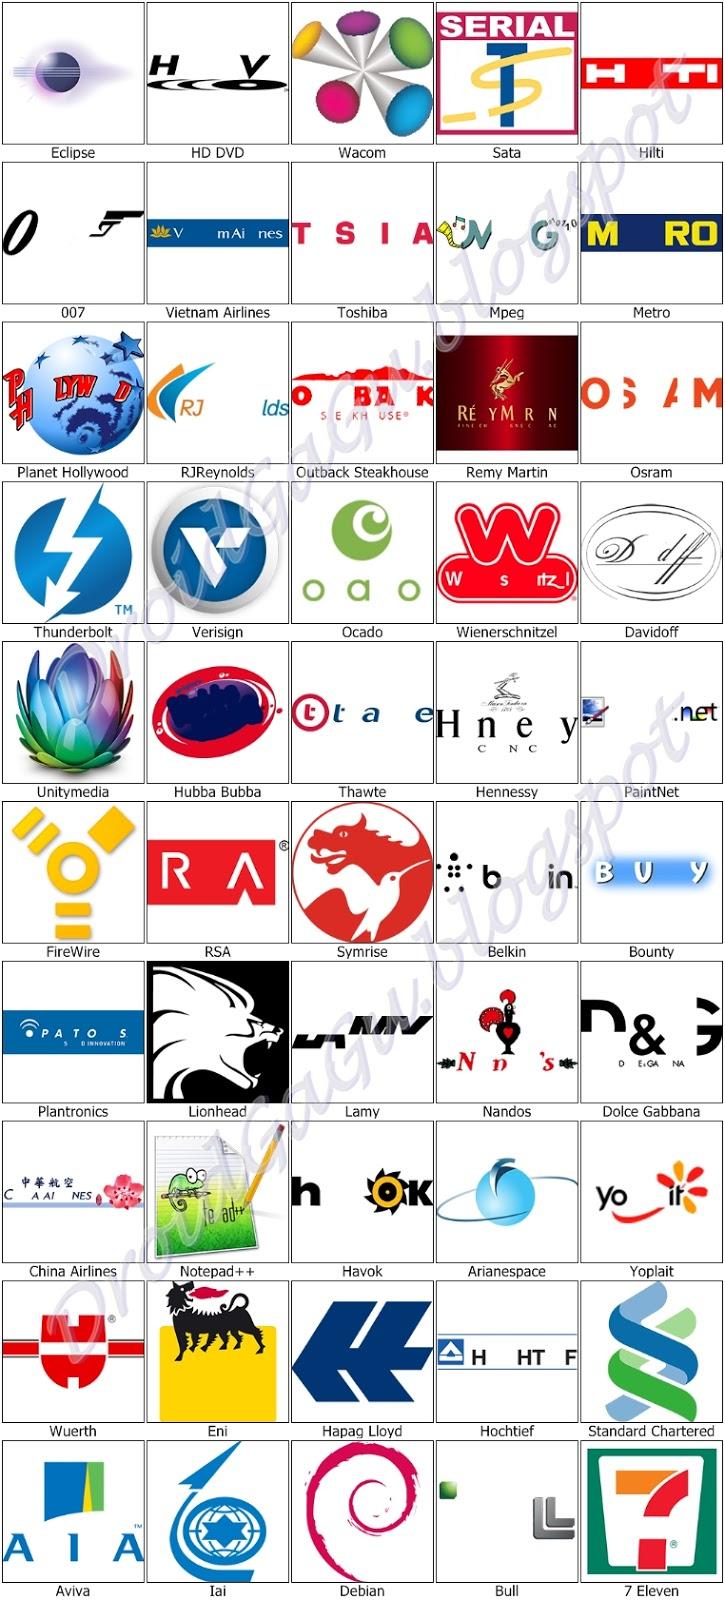 Marvelous house creator 3d 6 symblcrowd logo quiz House creator 3d